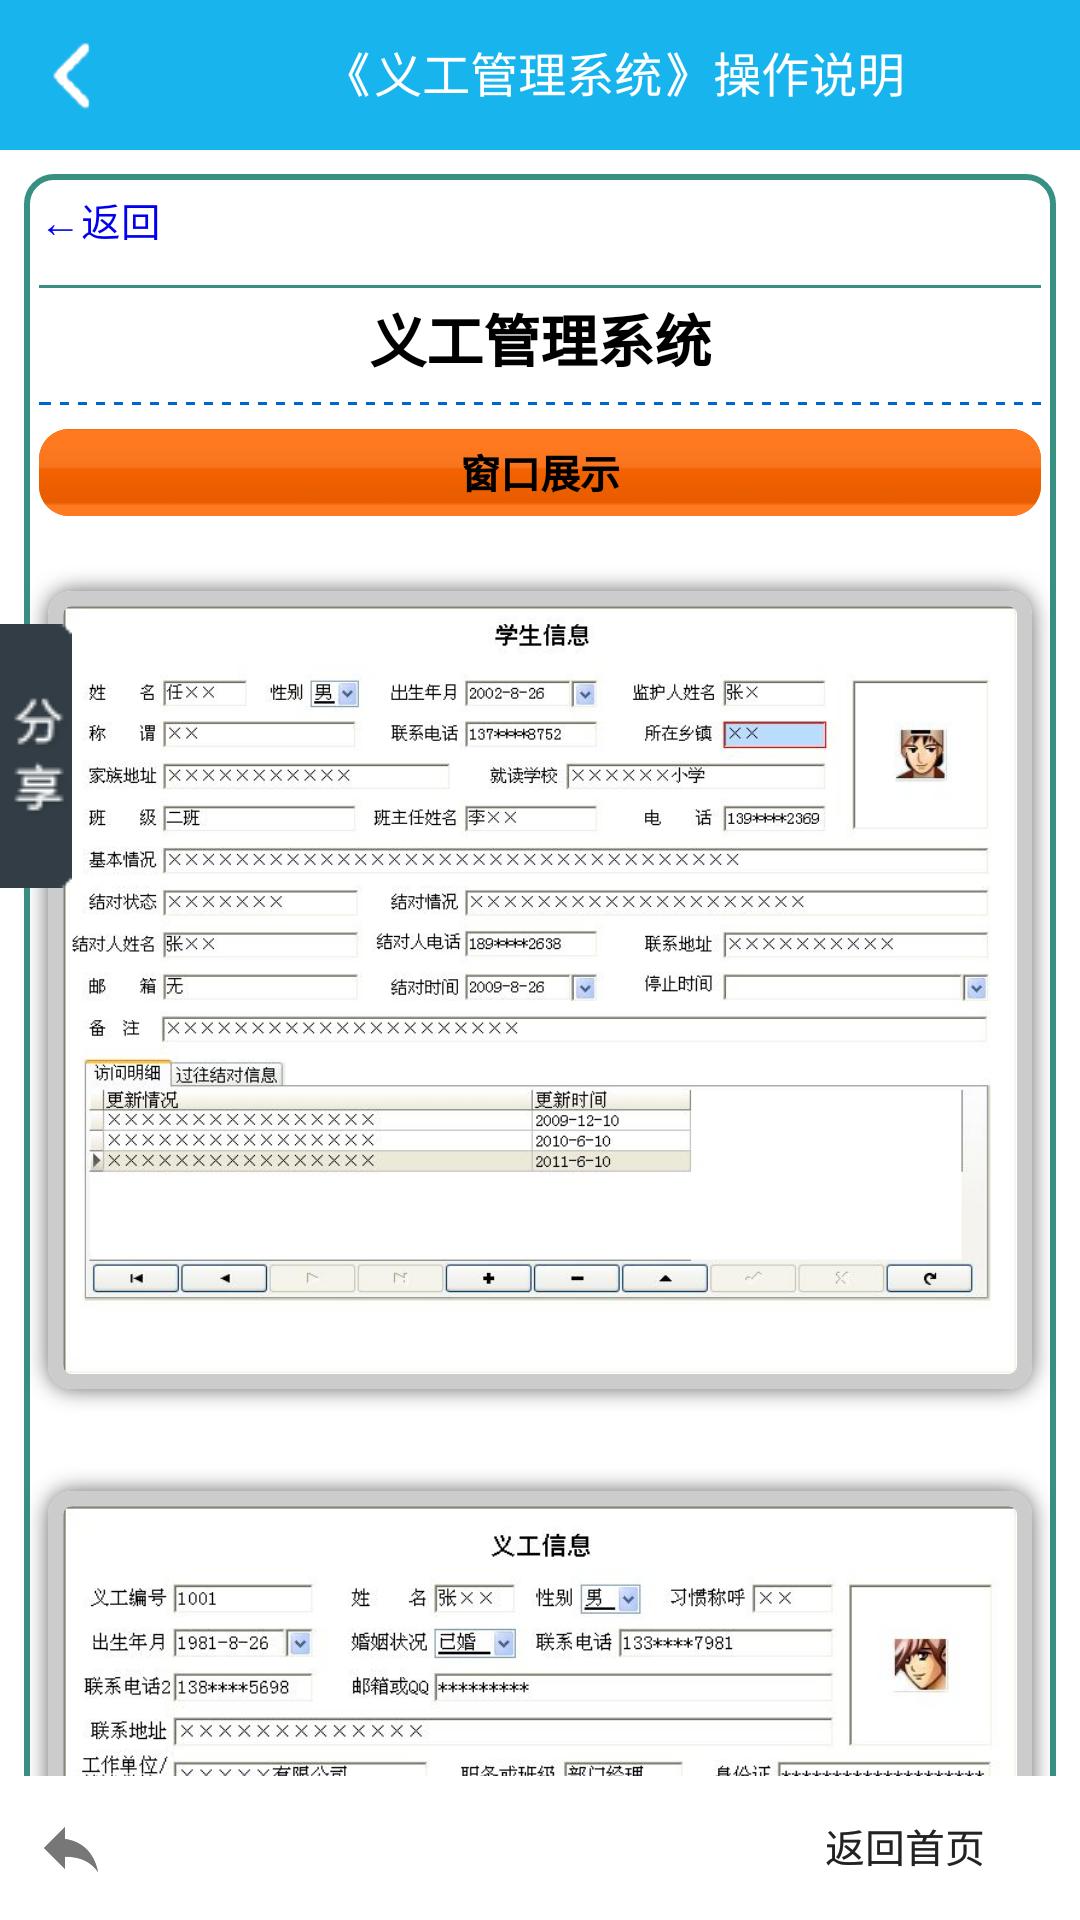 义工管理系统截图